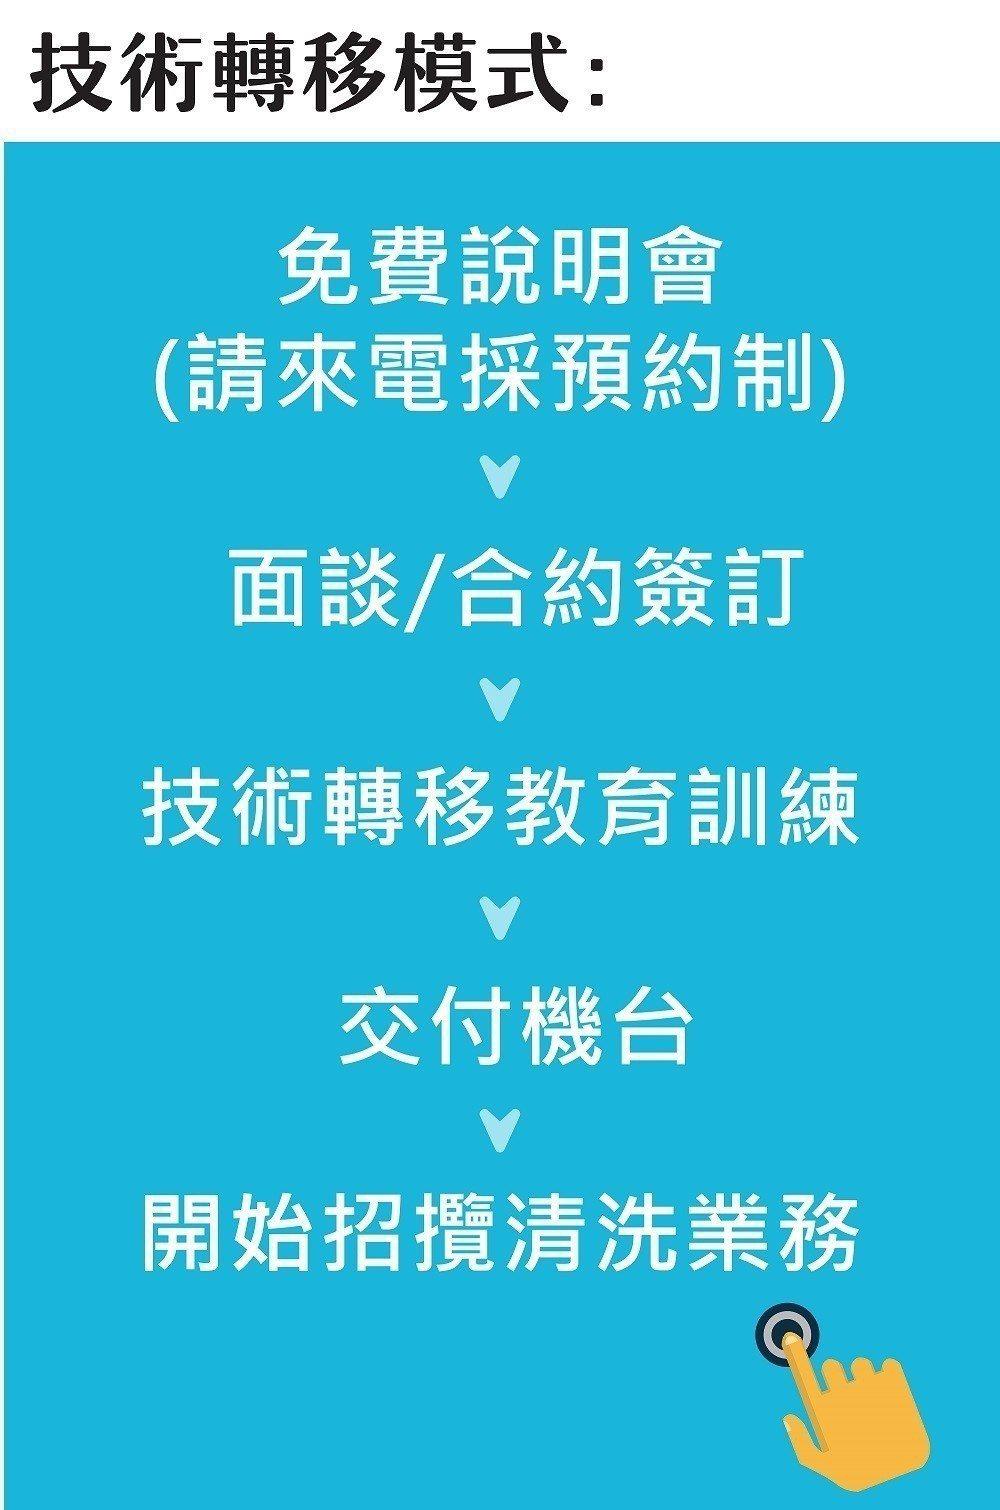 圖/雅銳科技提供技術轉移模式。 圖/雅銳科技提供。